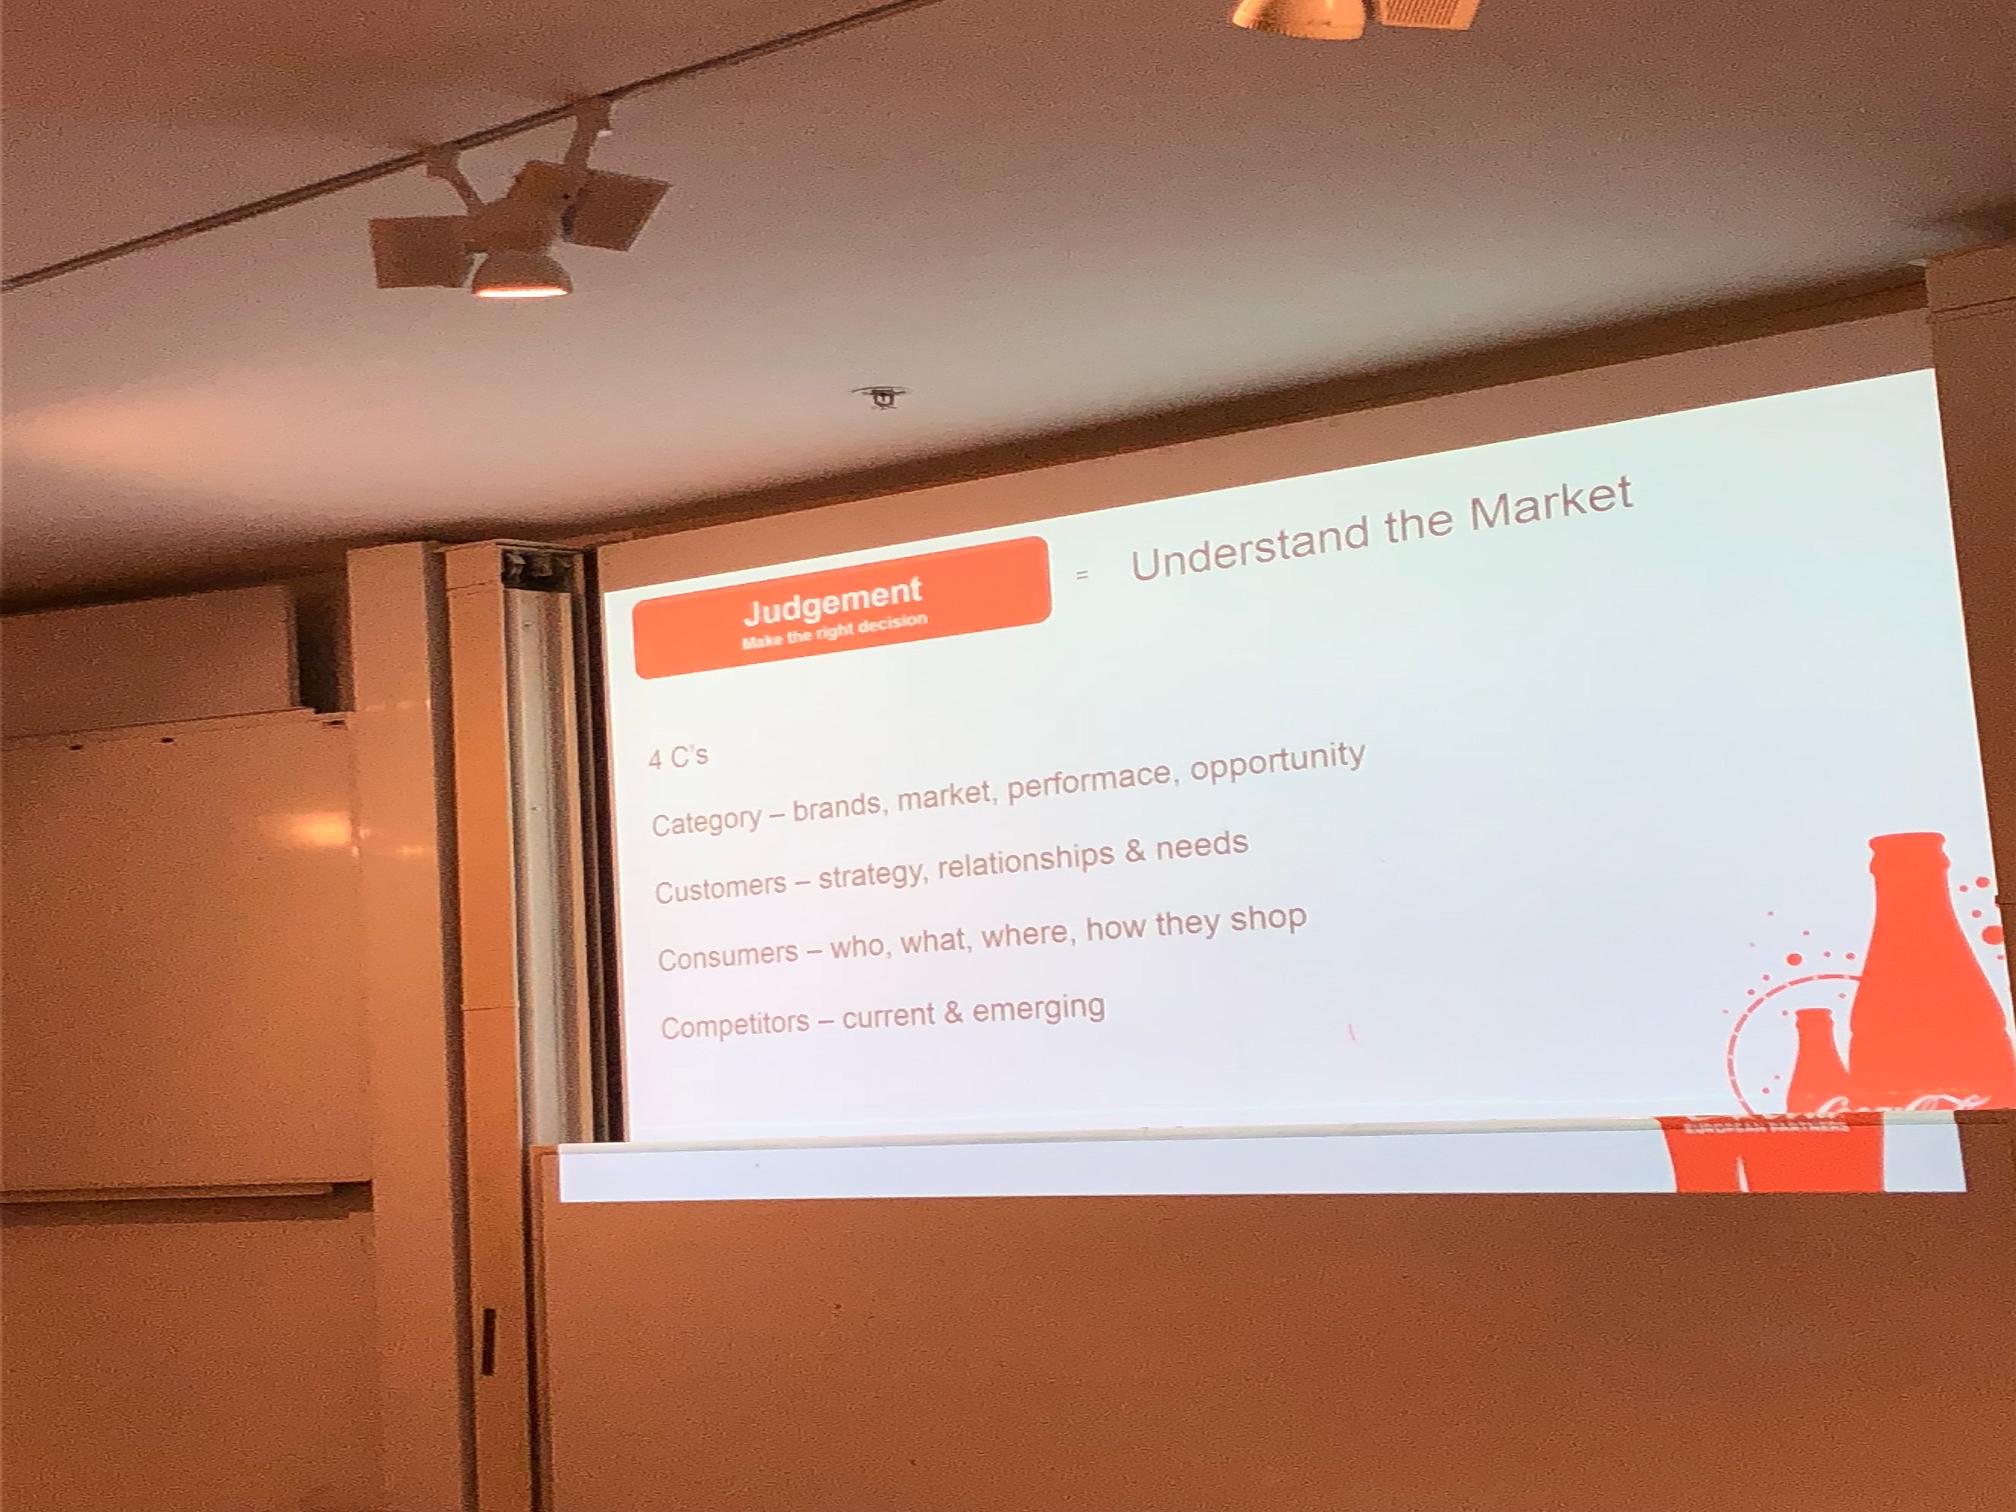 Cross-Cultural Management at Coca-Cola - Stockholm School of Economics